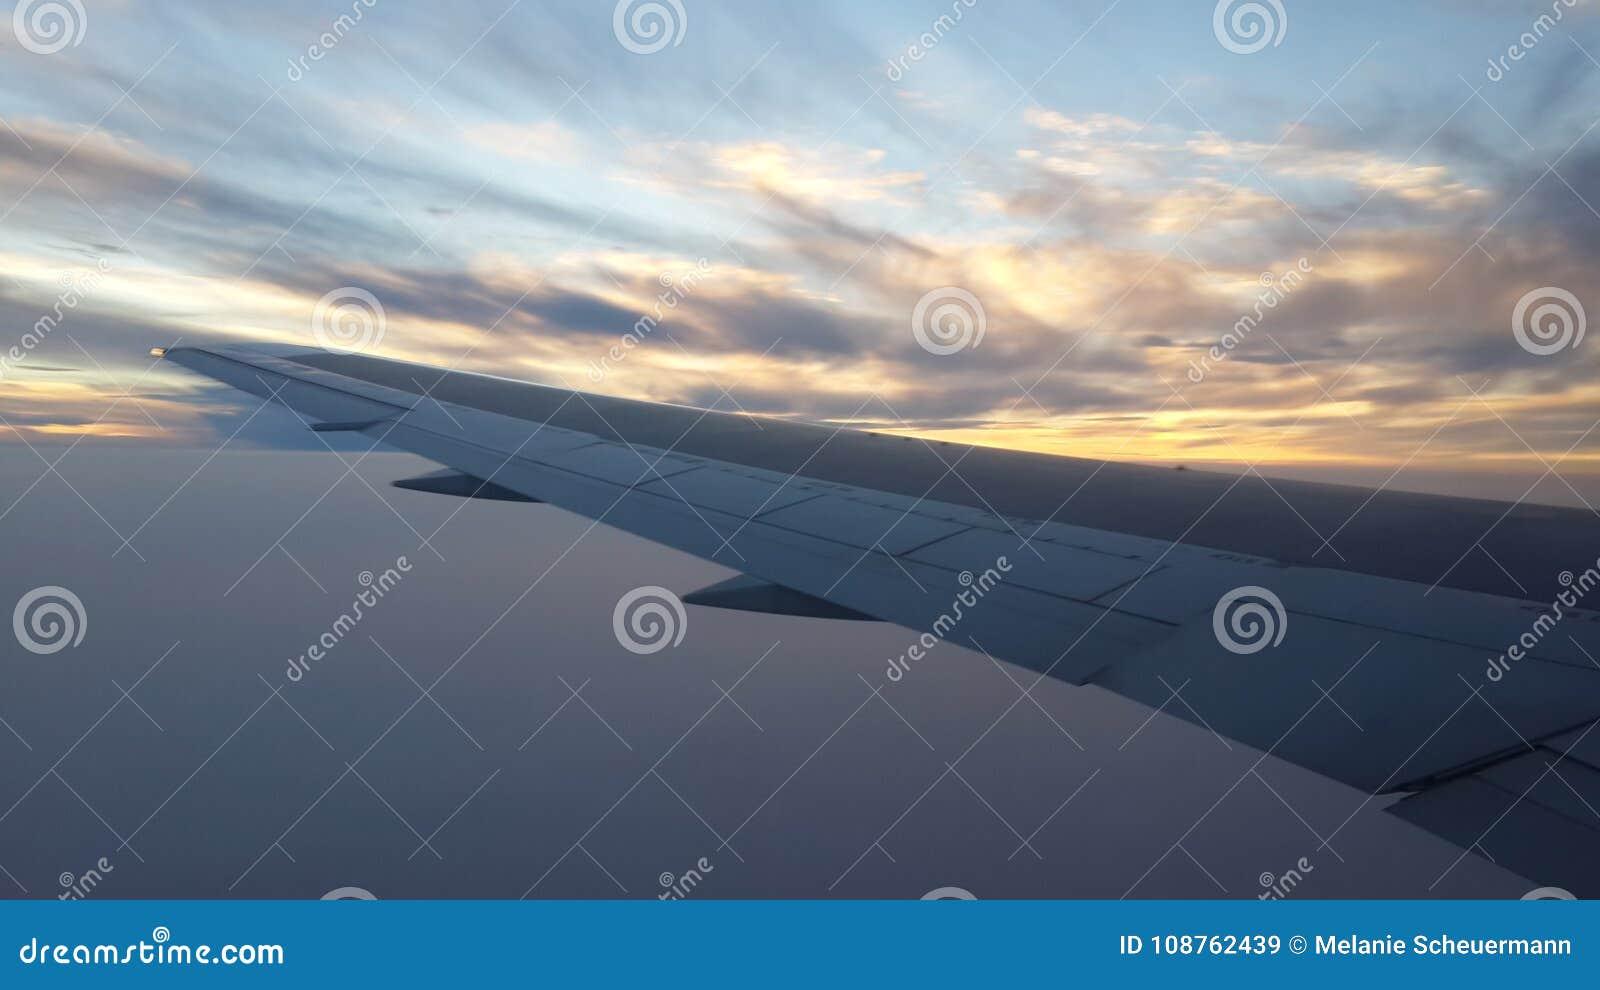 Fliegen himmelhoch an der Dämmerung